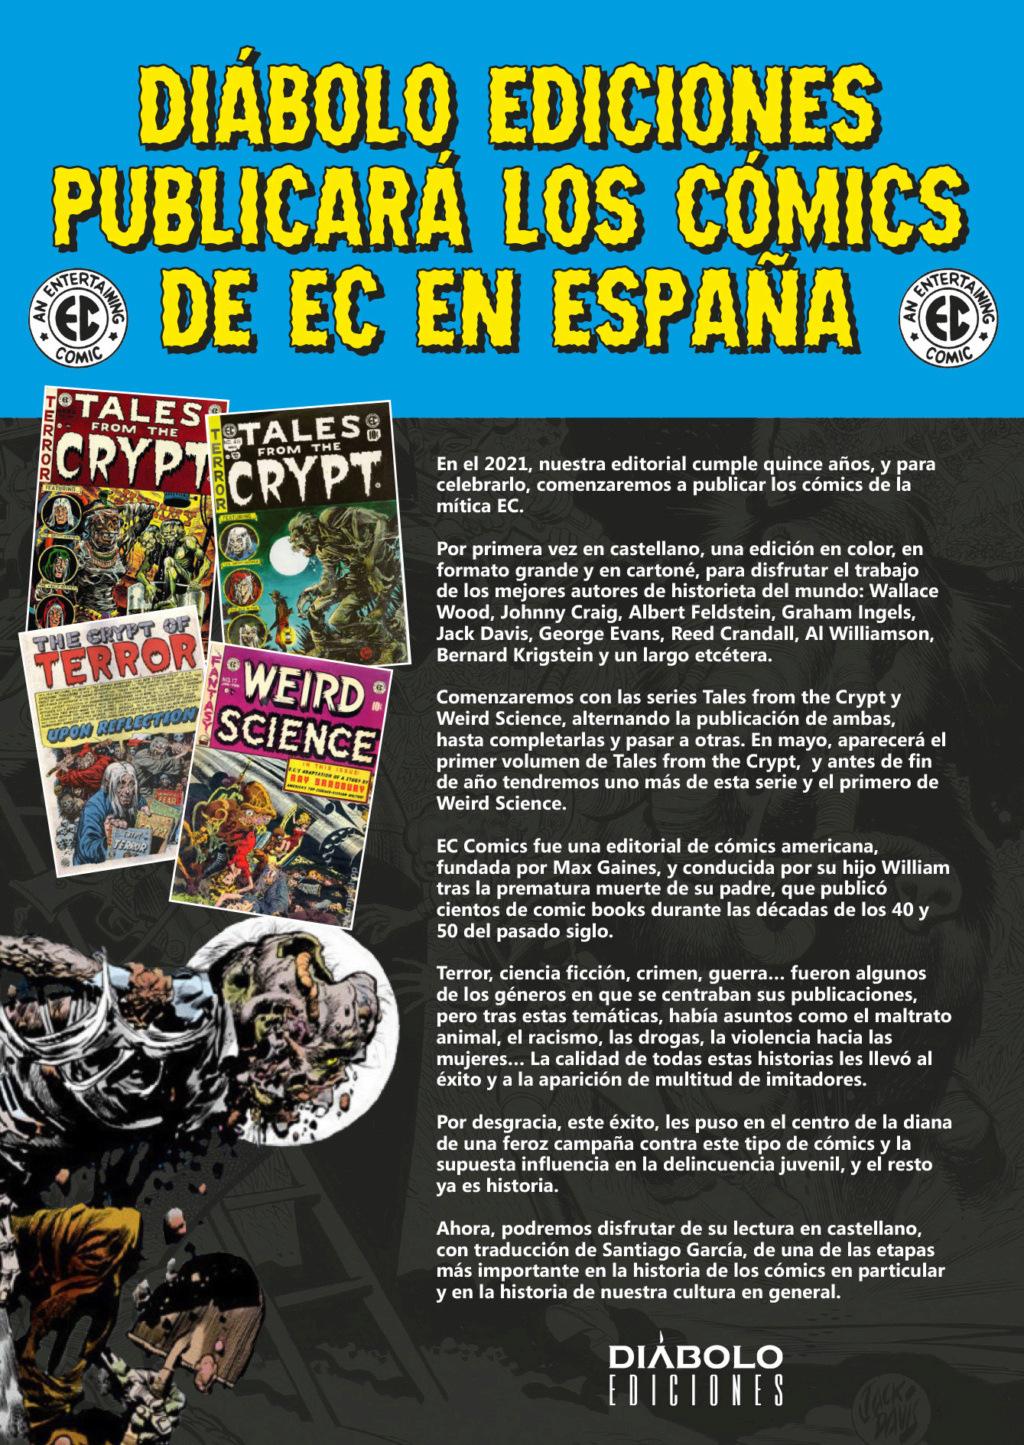 QUE COMIC ESTAS LEYENDO? - Página 8 Fca4c610